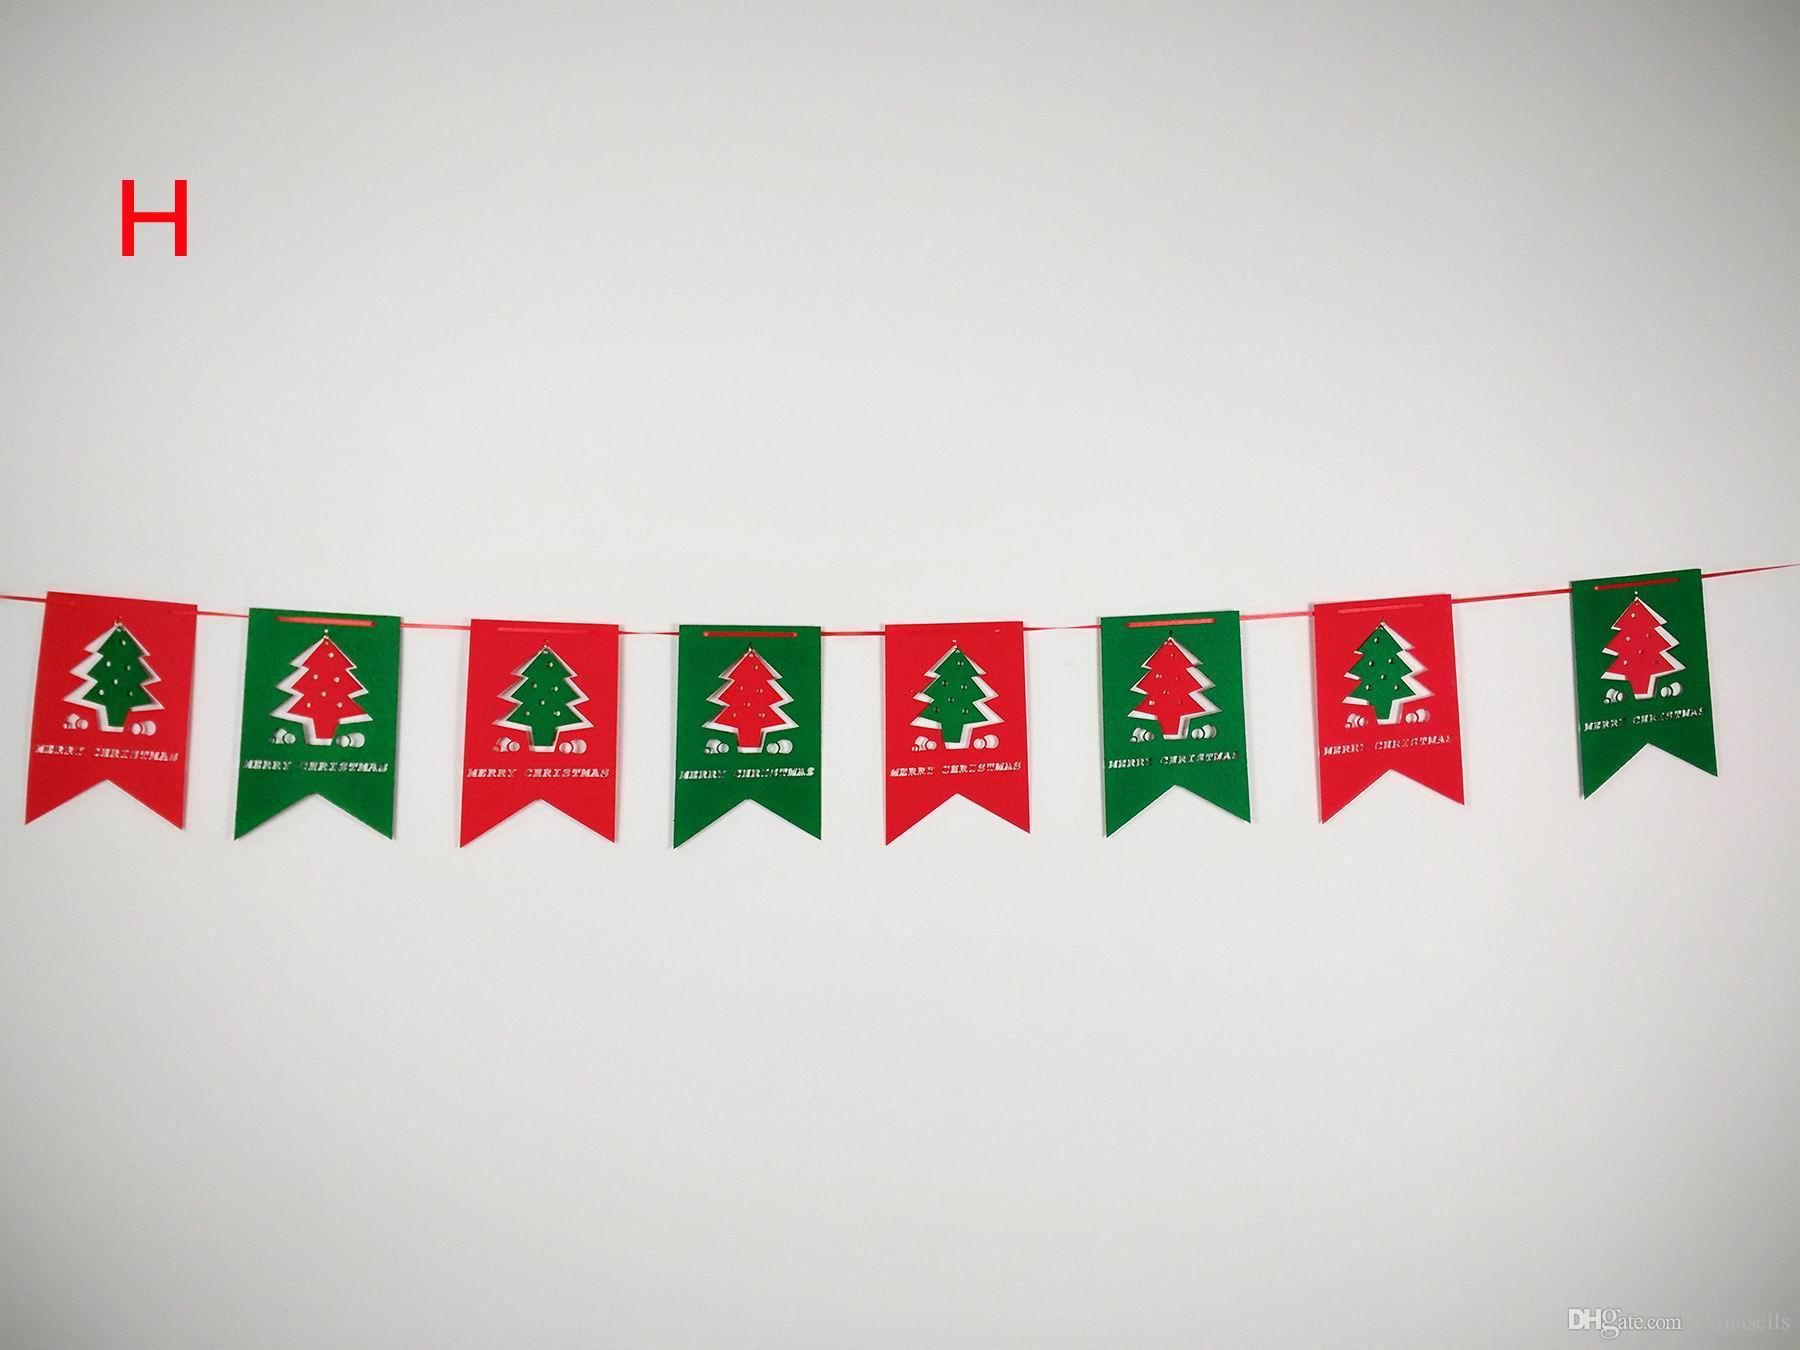 Weihnachtsbaum Ornamente hängen Bier Socke Schneemann Banner Fenster Markt Einkaufszentrum Weihnachtsfeier DIY Dekorationen 3M Pull Blumen